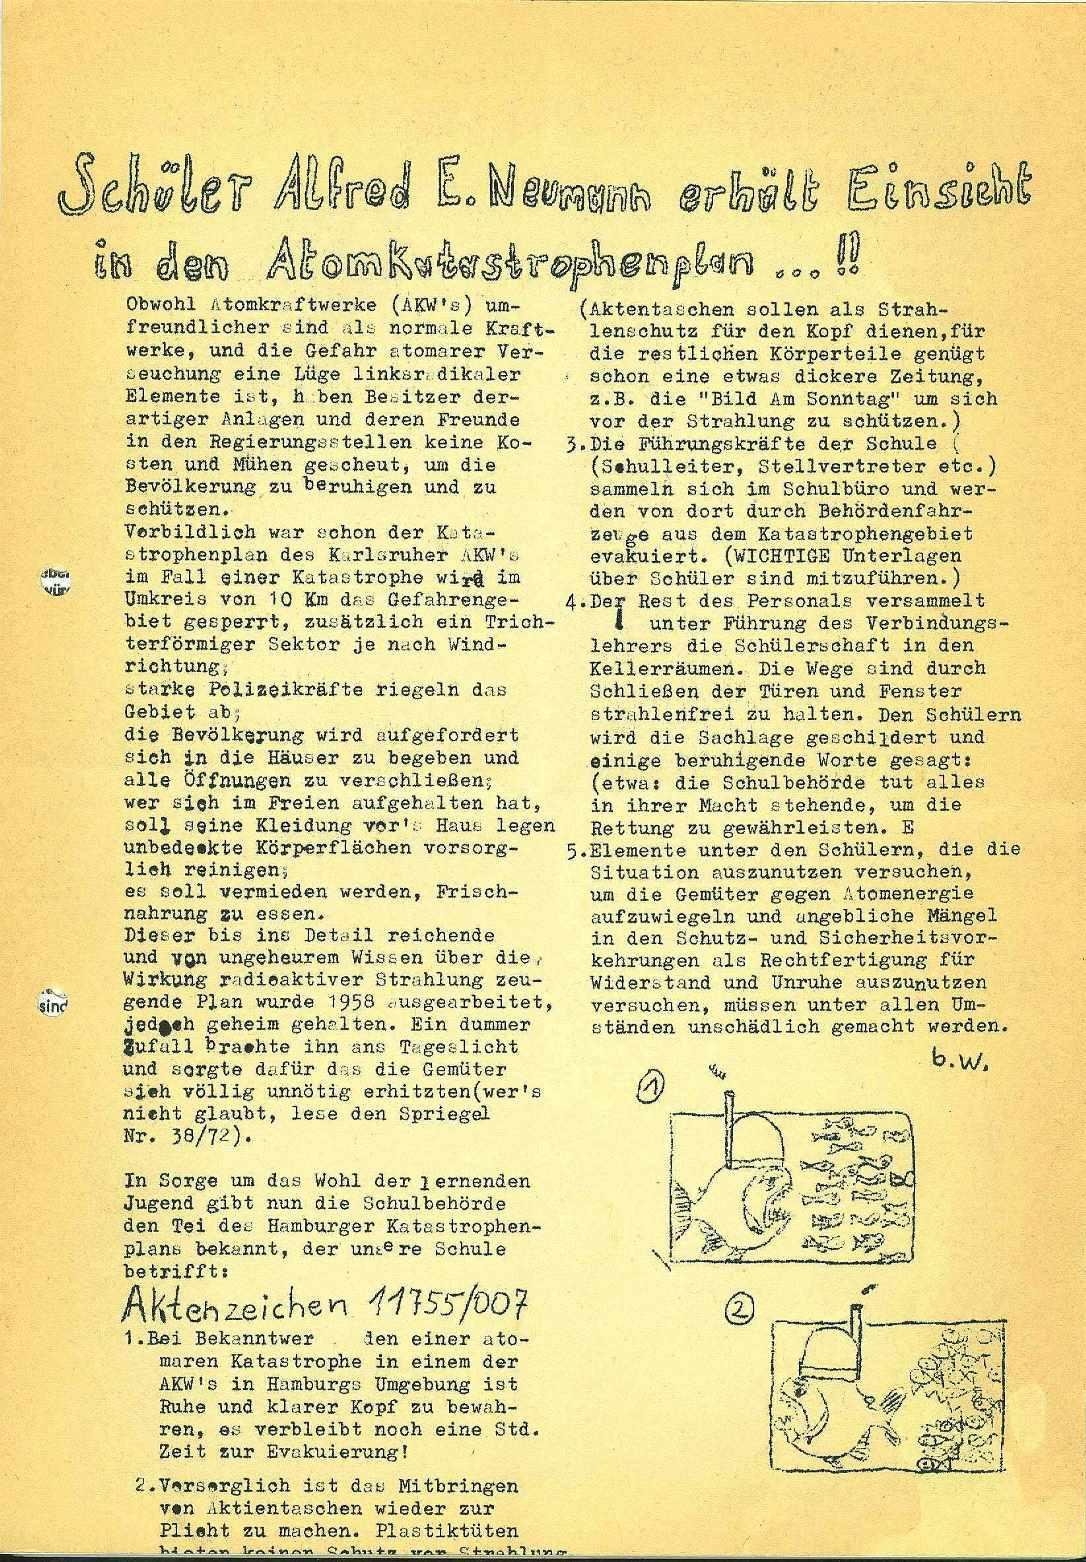 Hamburg_AKW282